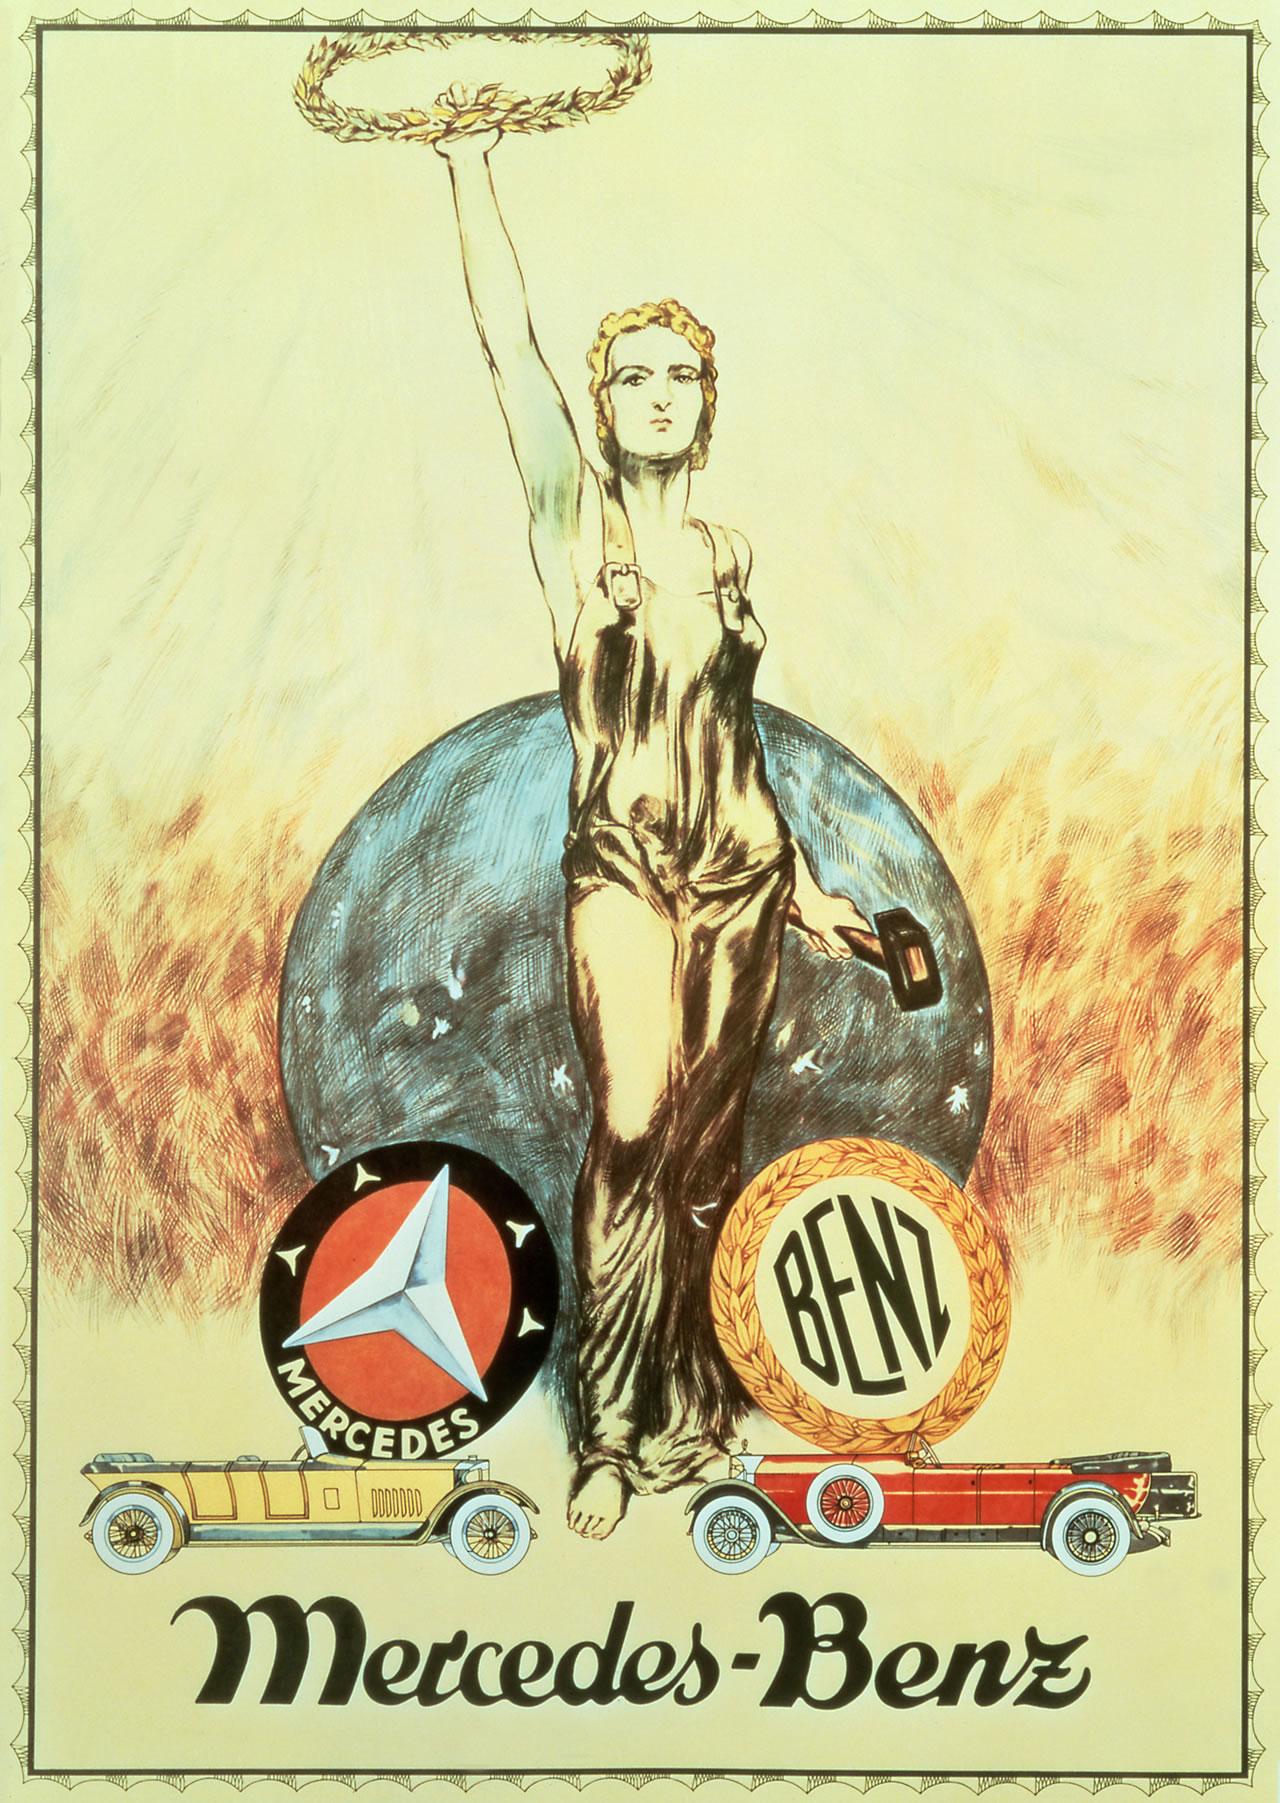 Cartel mostrando la unión entre DMG y Benz